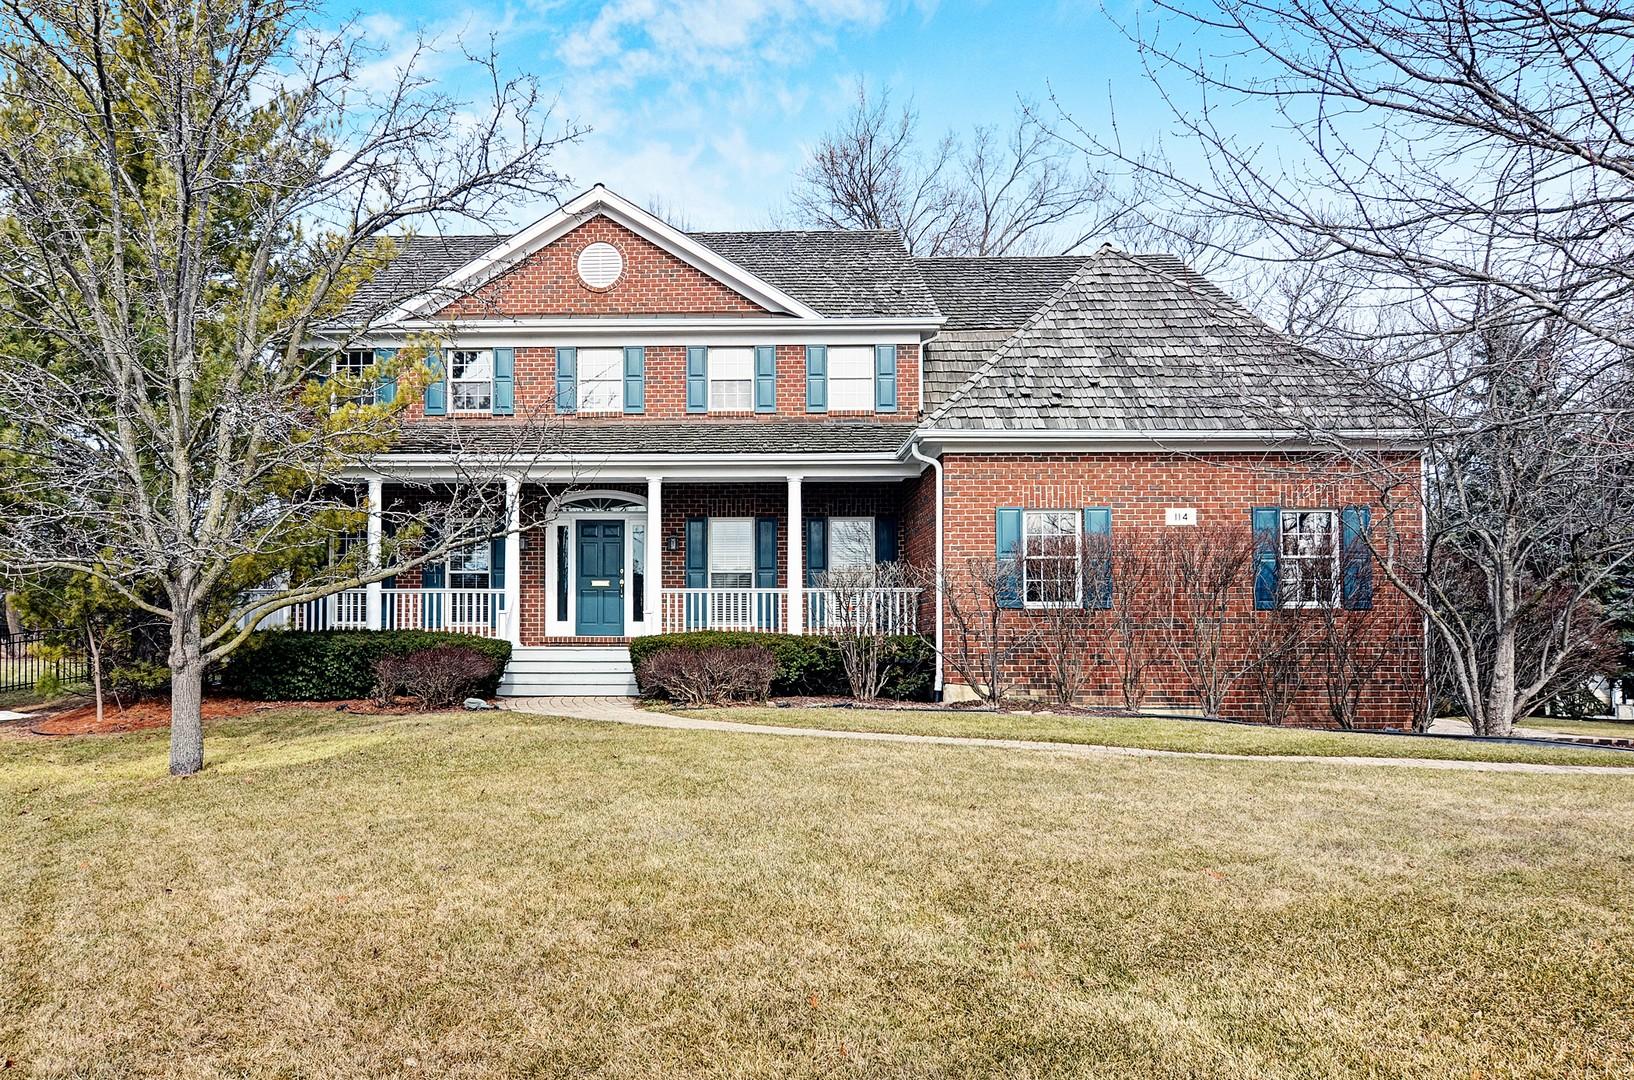 獨棟家庭住宅 為 出售 在 114 Allen Court Clarendon Hills, 伊利諾斯州, 60514 美國